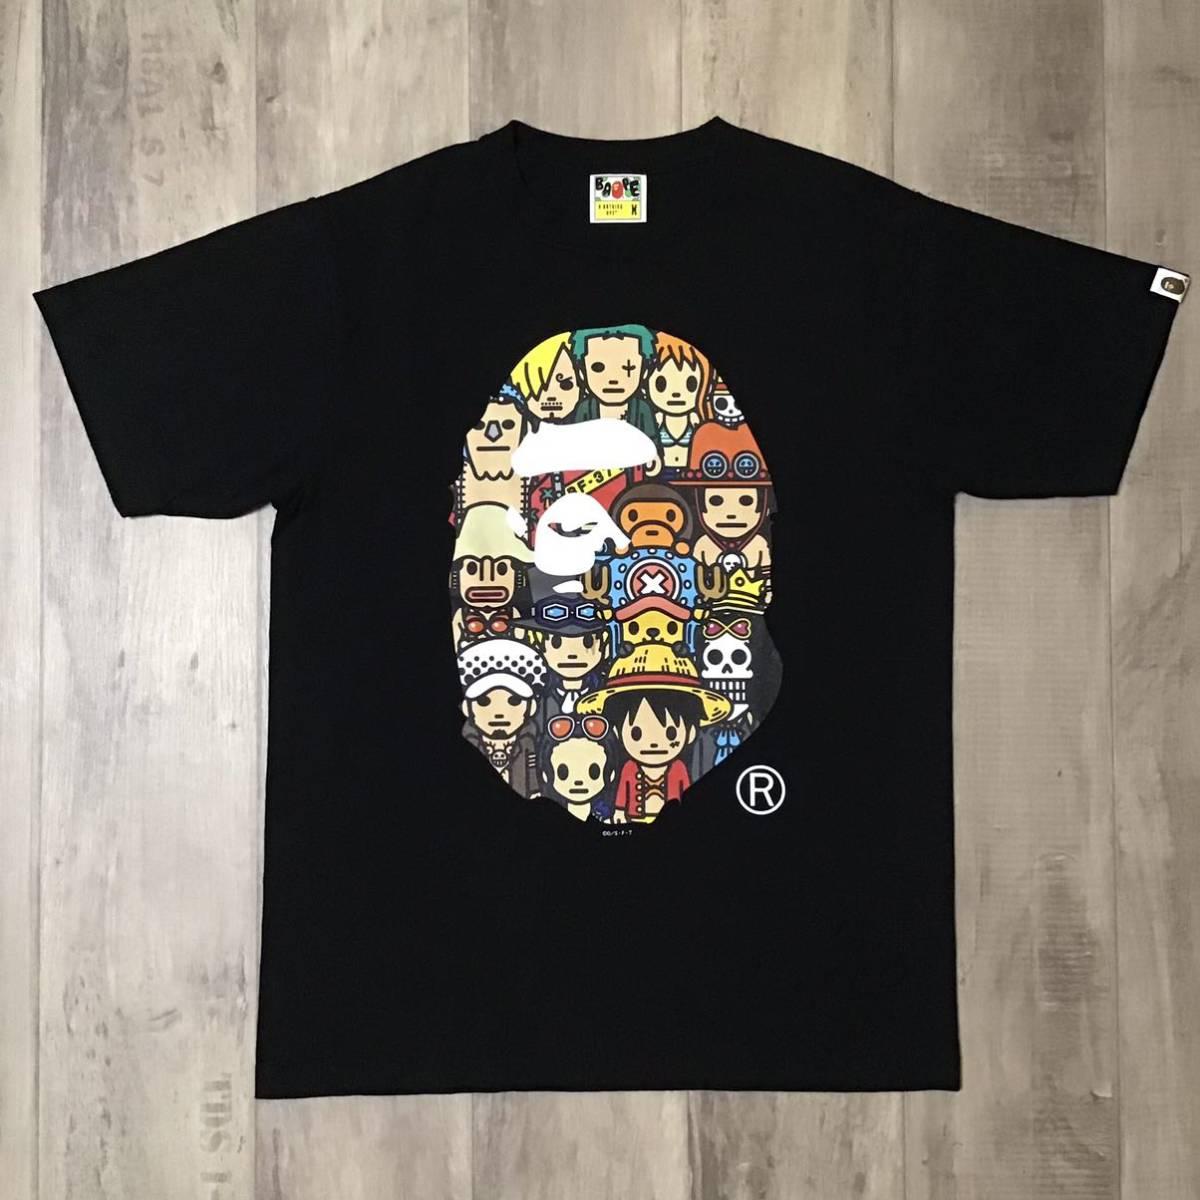 ★激レア★ ONEPIECE × BAPE BIG HEAD Tシャツ Mサイズ a bathing ape ワンピース エイプ ベイプ アベイシングエイプ luffy milo zoro fc6